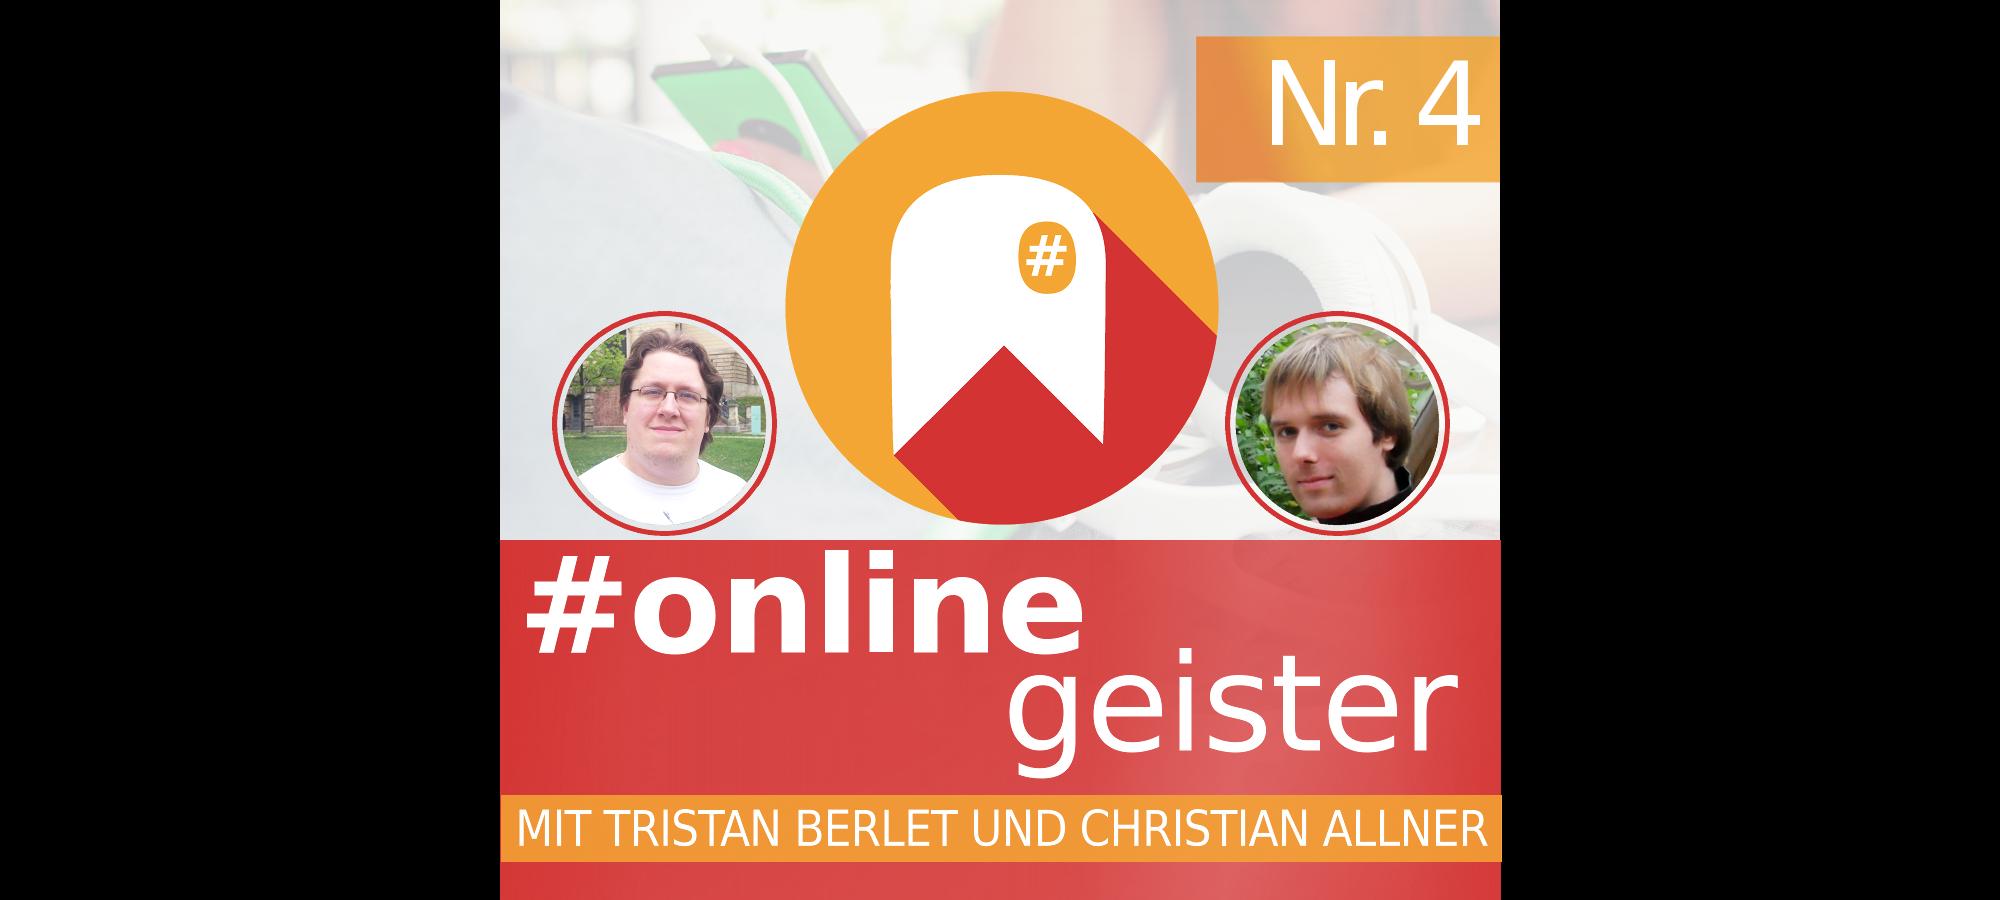 Update zum Podcast: Messenger — #Onlinegeister Nr. 4 – Radio über Netzkultur, Social Media und PR